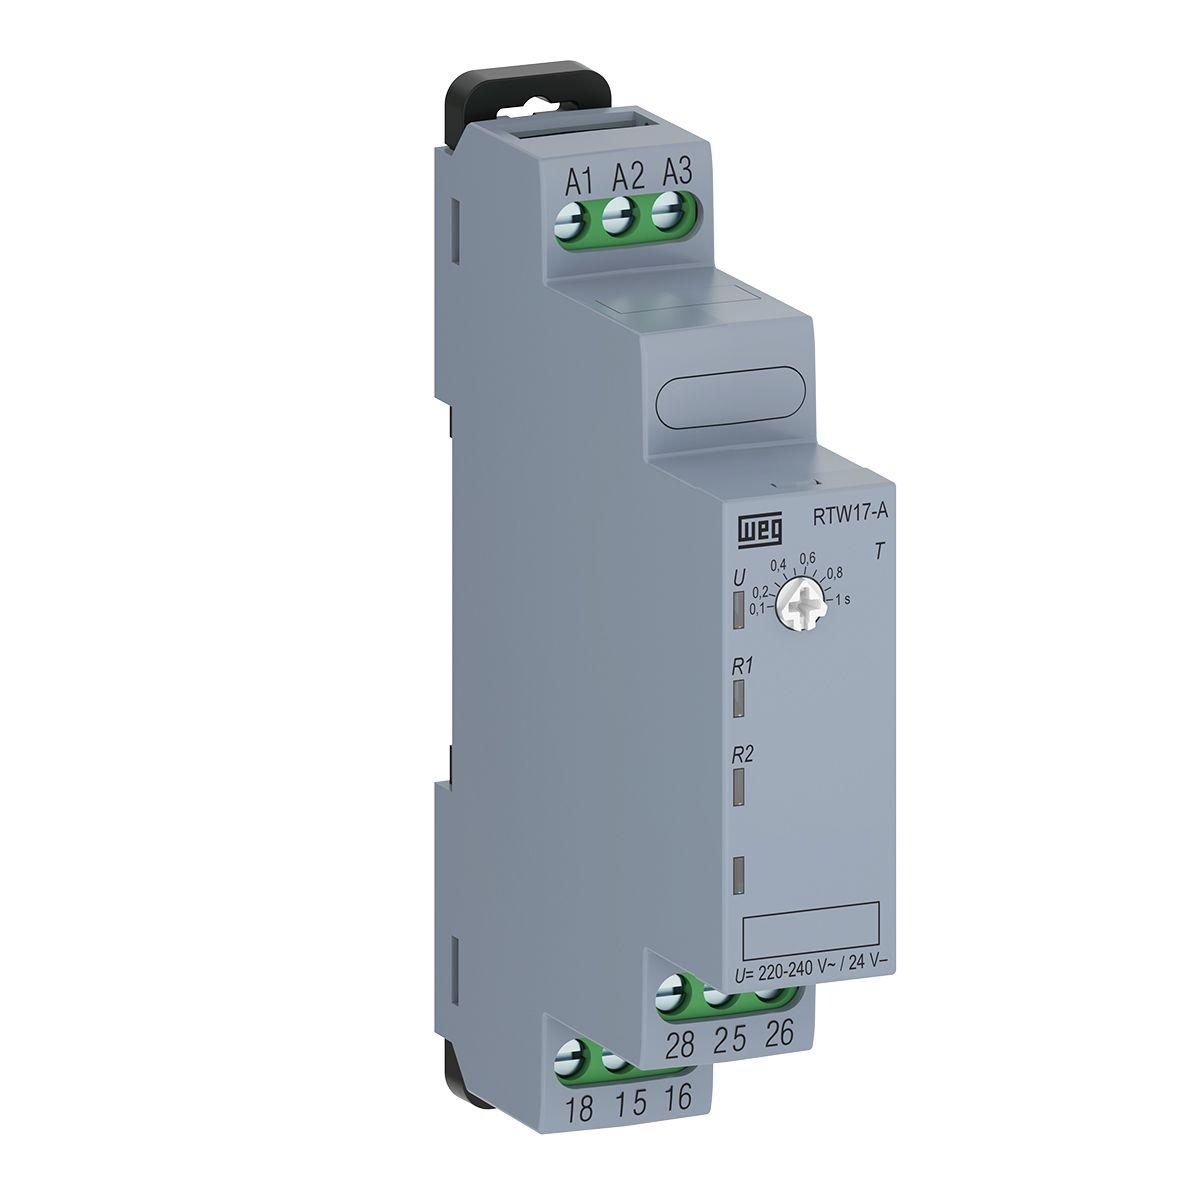 Relé Eletrônico Temporizador Retardo 1S-10S 220V RTW17 WEG